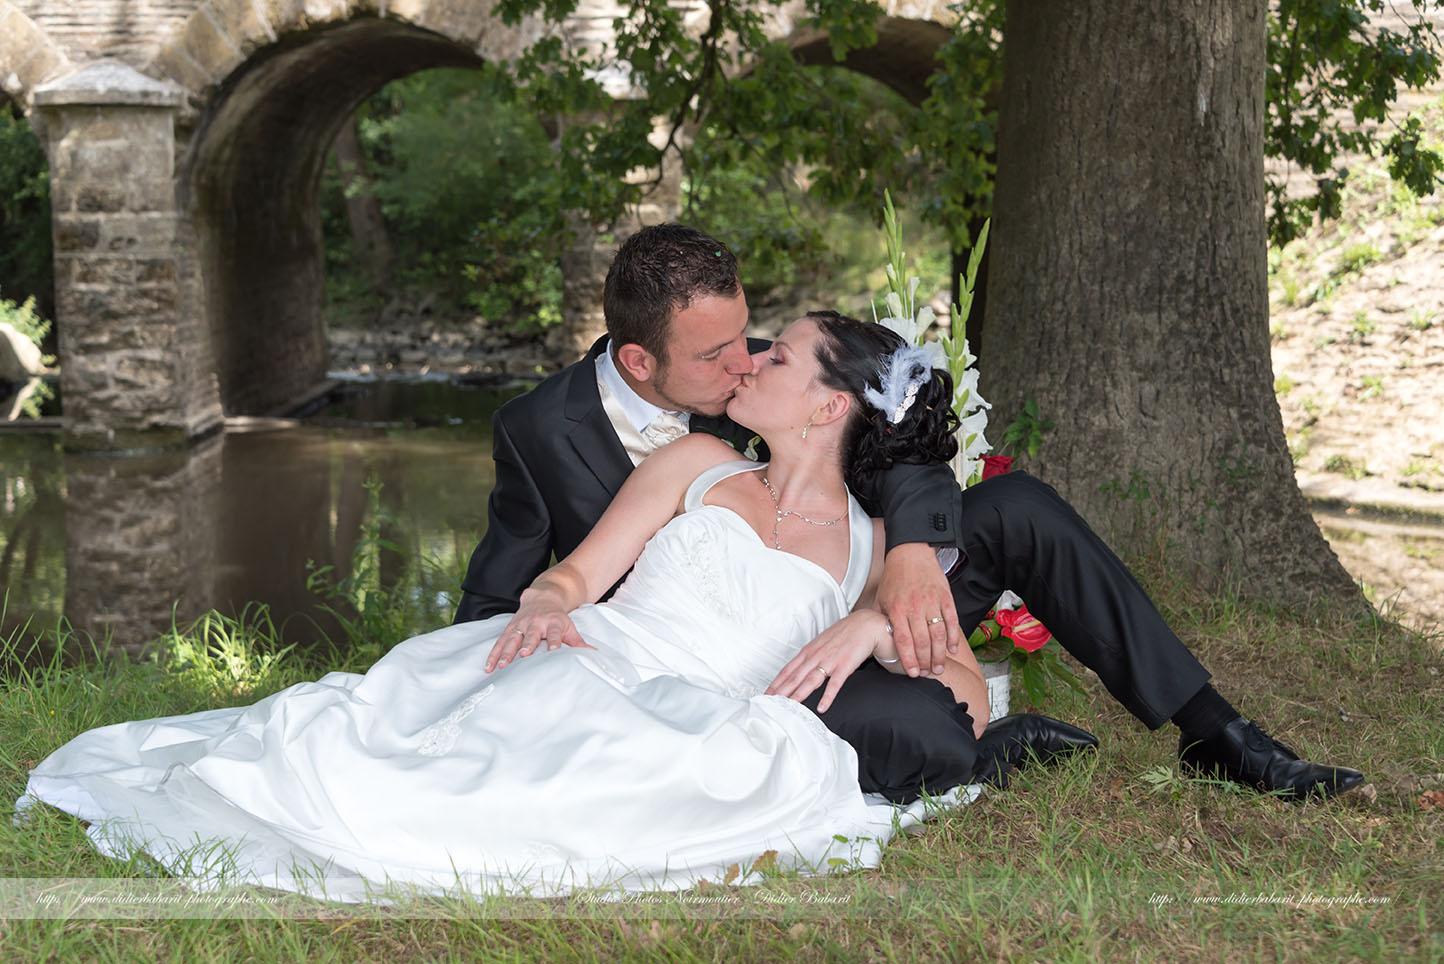 photographe mariage noirmoutier et en vend e didier babarit photographe noirmoutier en. Black Bedroom Furniture Sets. Home Design Ideas